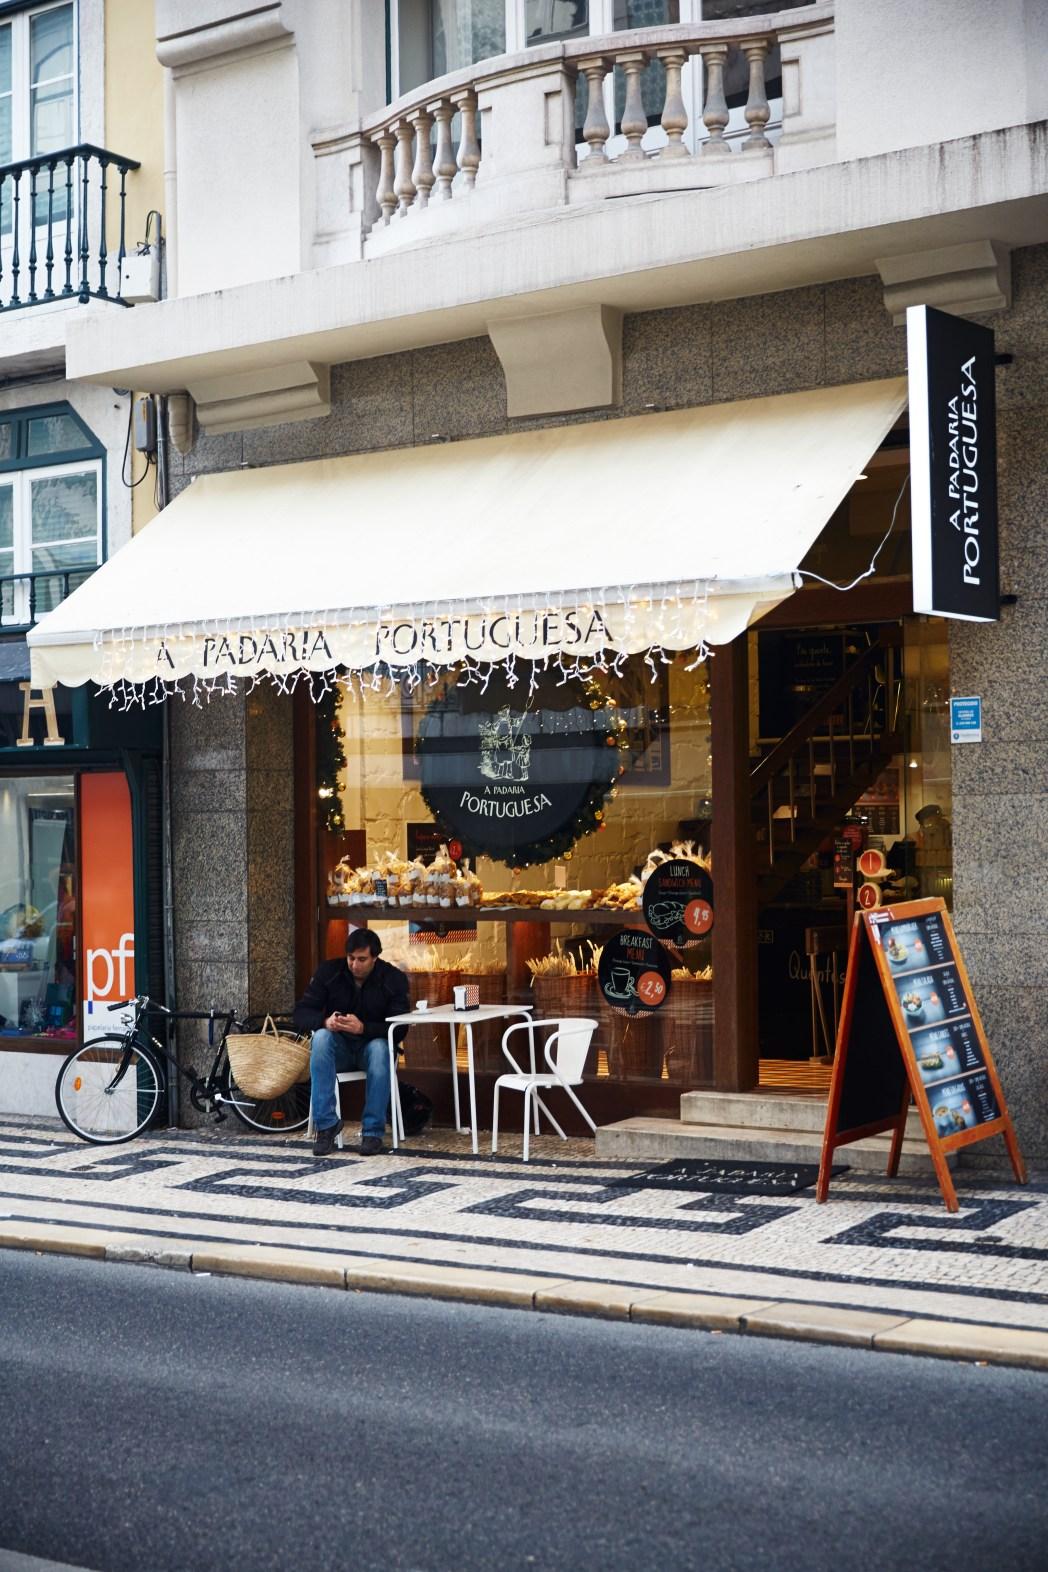 A Padaria Portuguesa op Rua Aurea in Baixa/Chiado